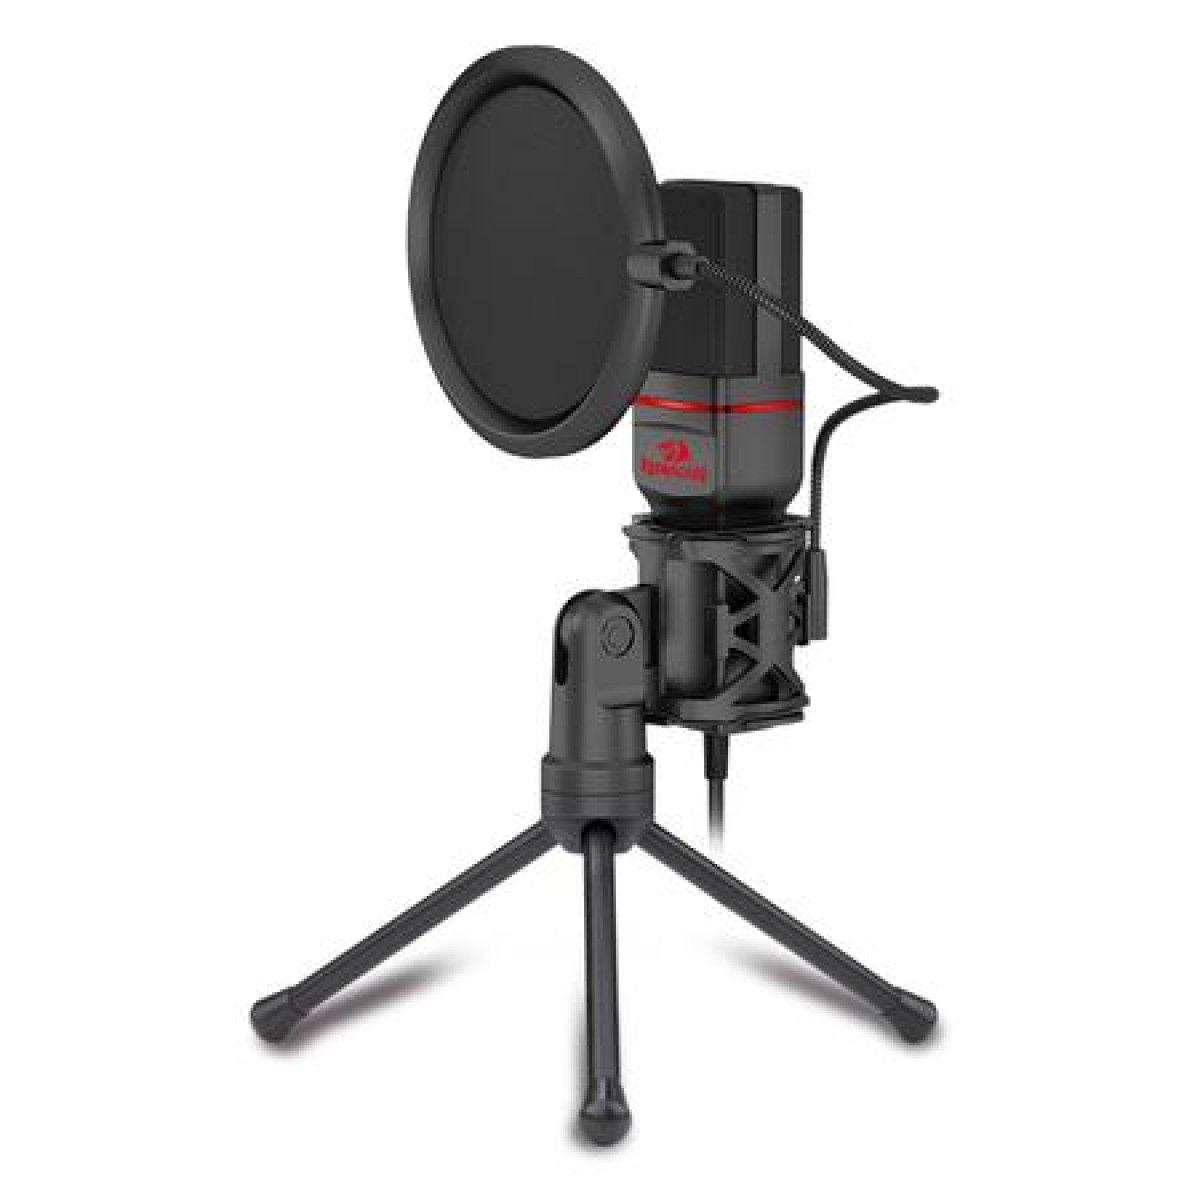 Microfone Streamer Seyfert Redragon GM100